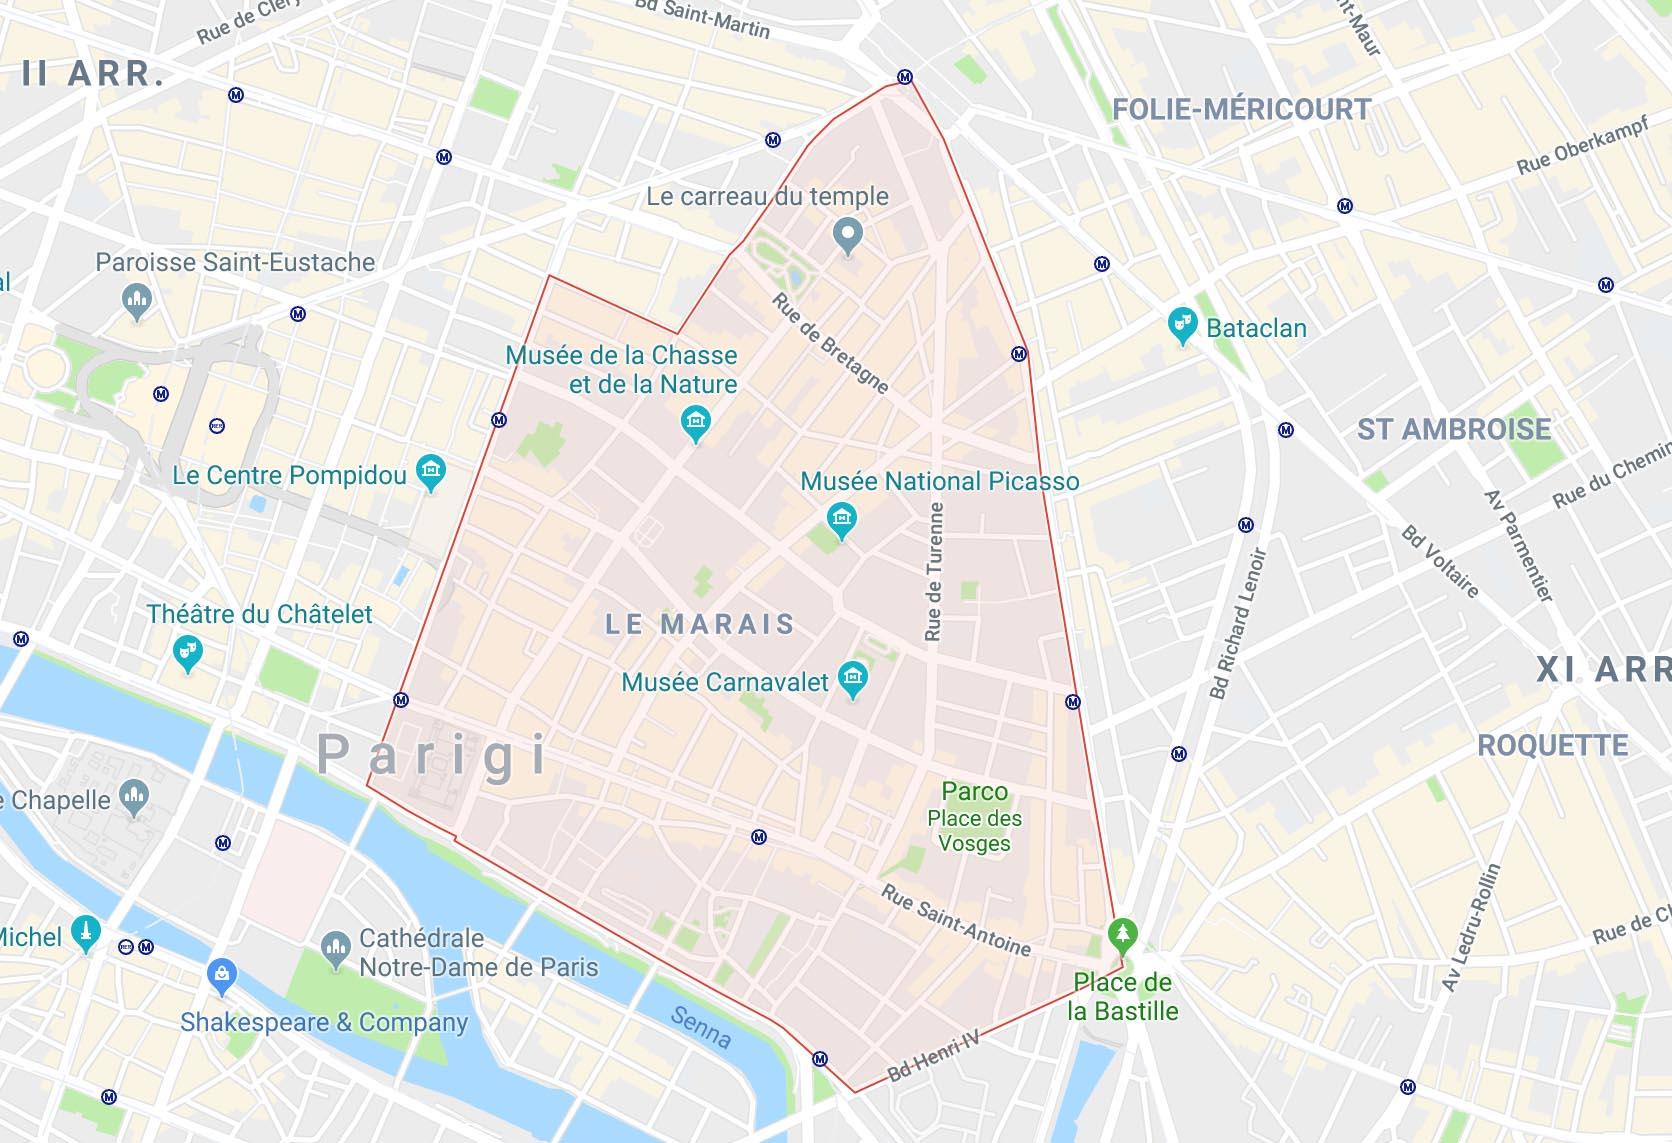 Profilo dell'area del Marais